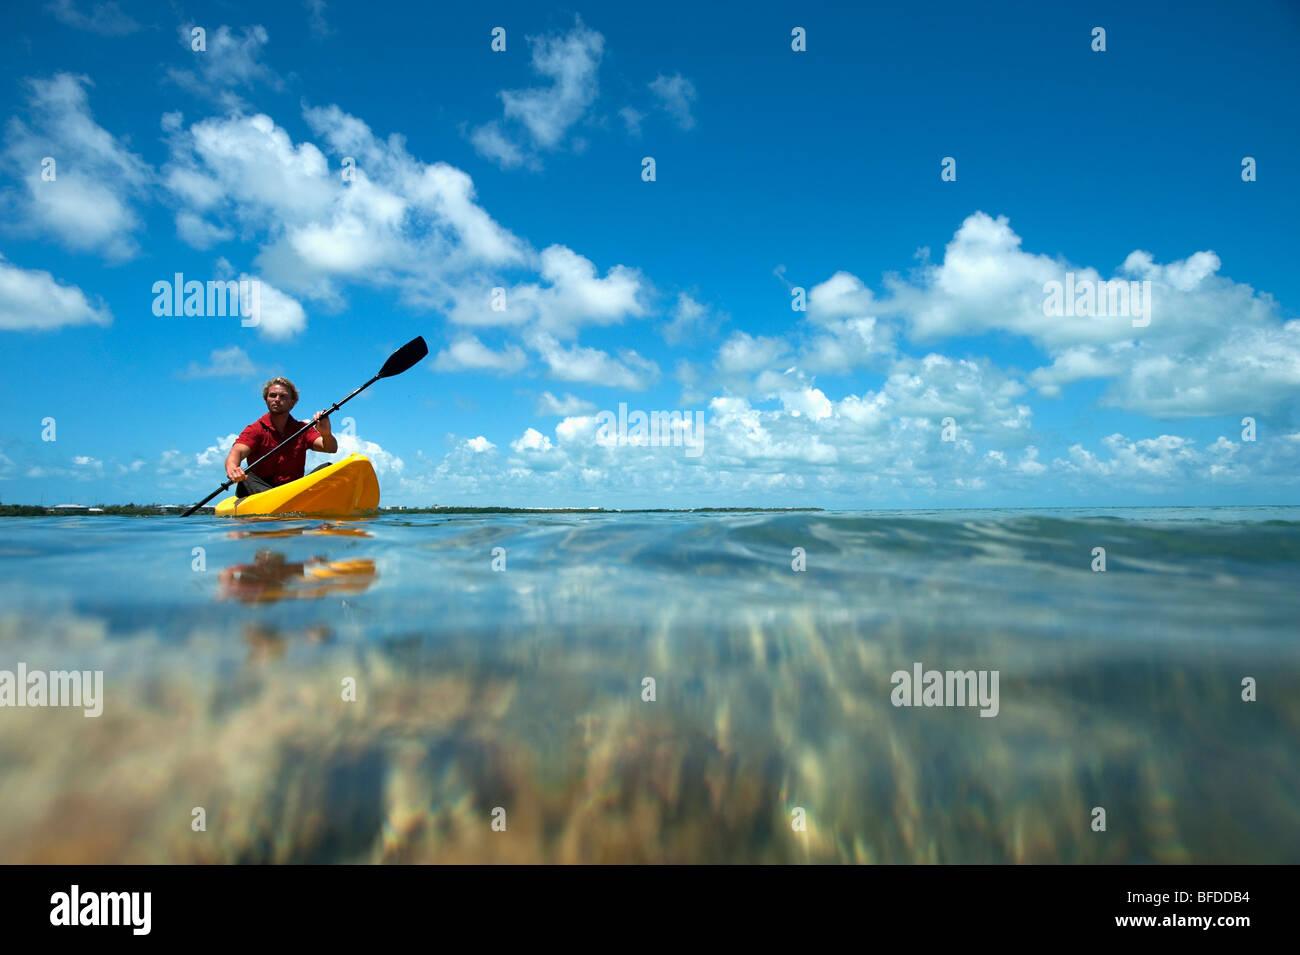 A man kayaks in Florida. - Stock Image